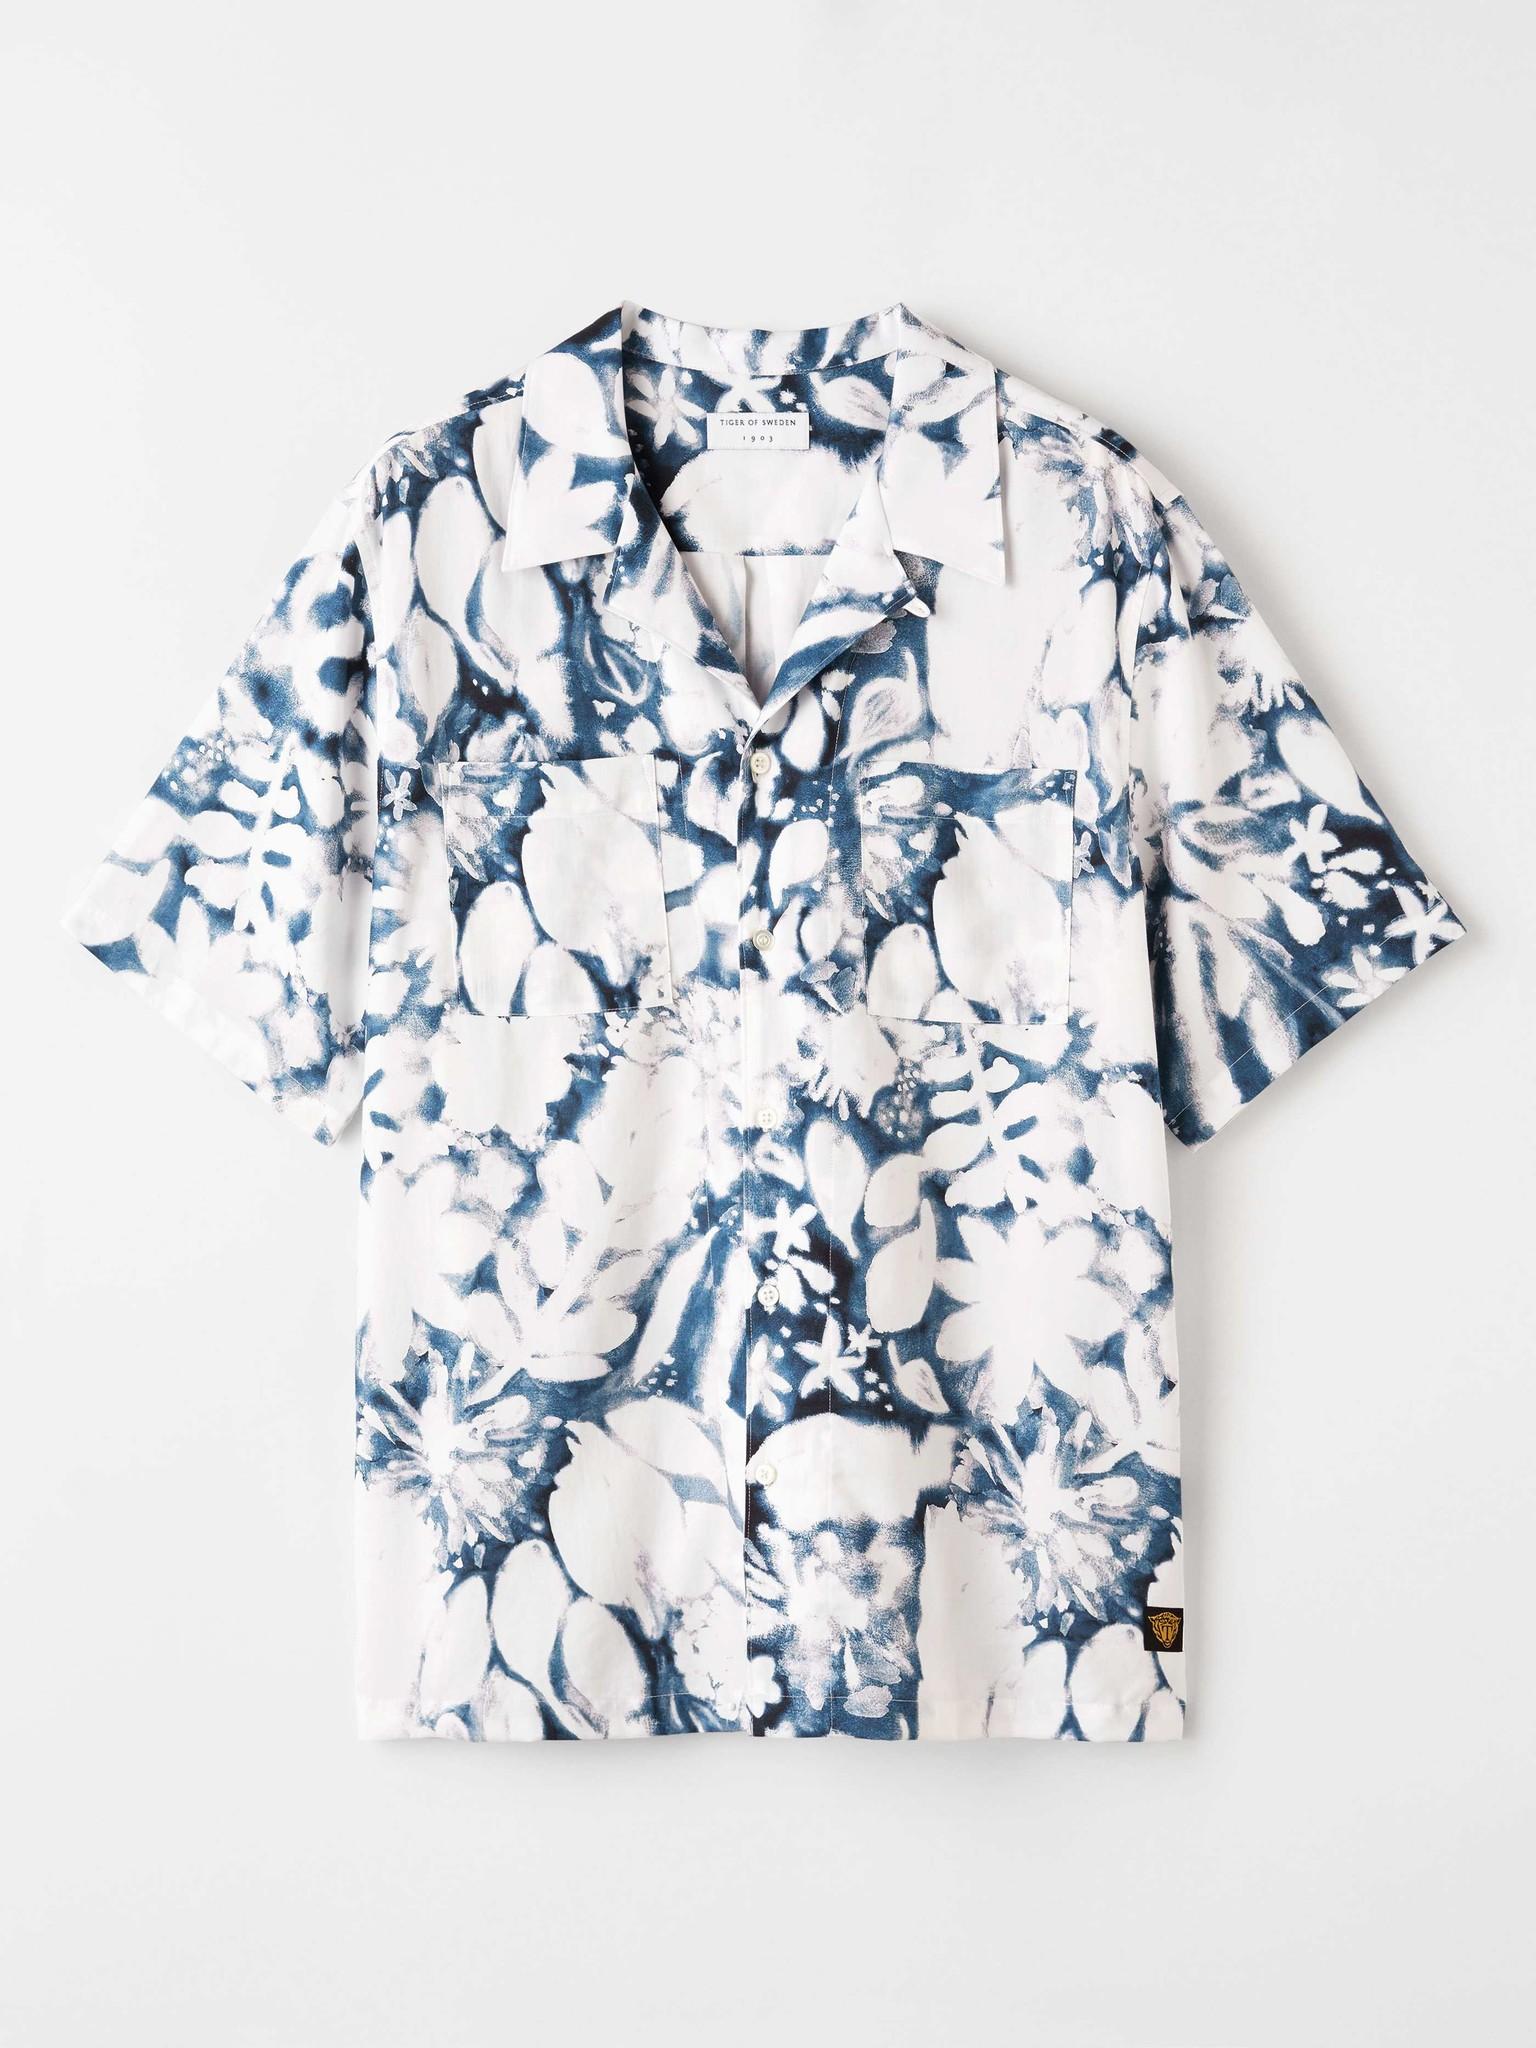 Calumn Printed Shirt White Blue-1